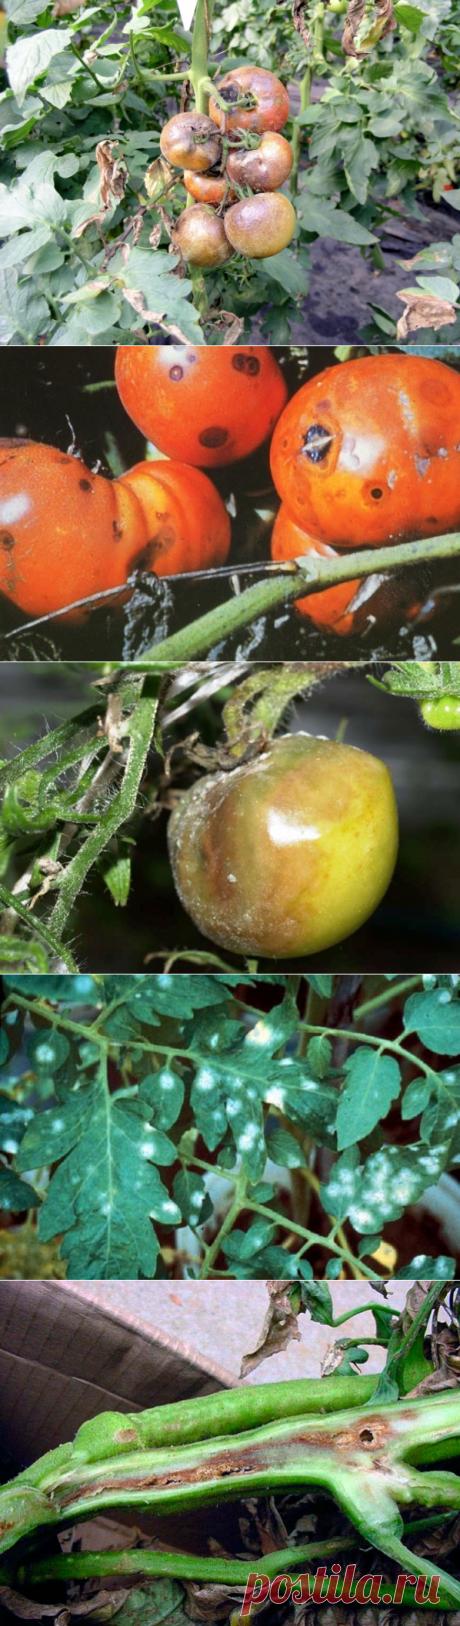 Обзор болезней томатов: грибные, бактериальные и вирусные